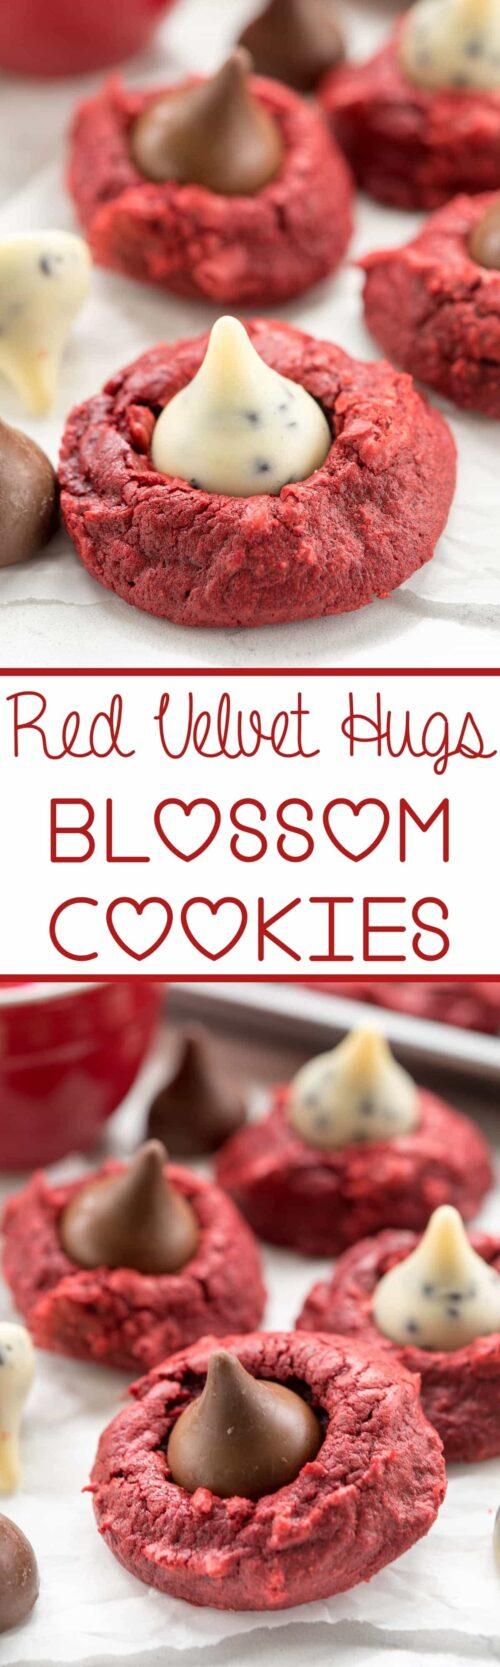 red velvet blossom cookie